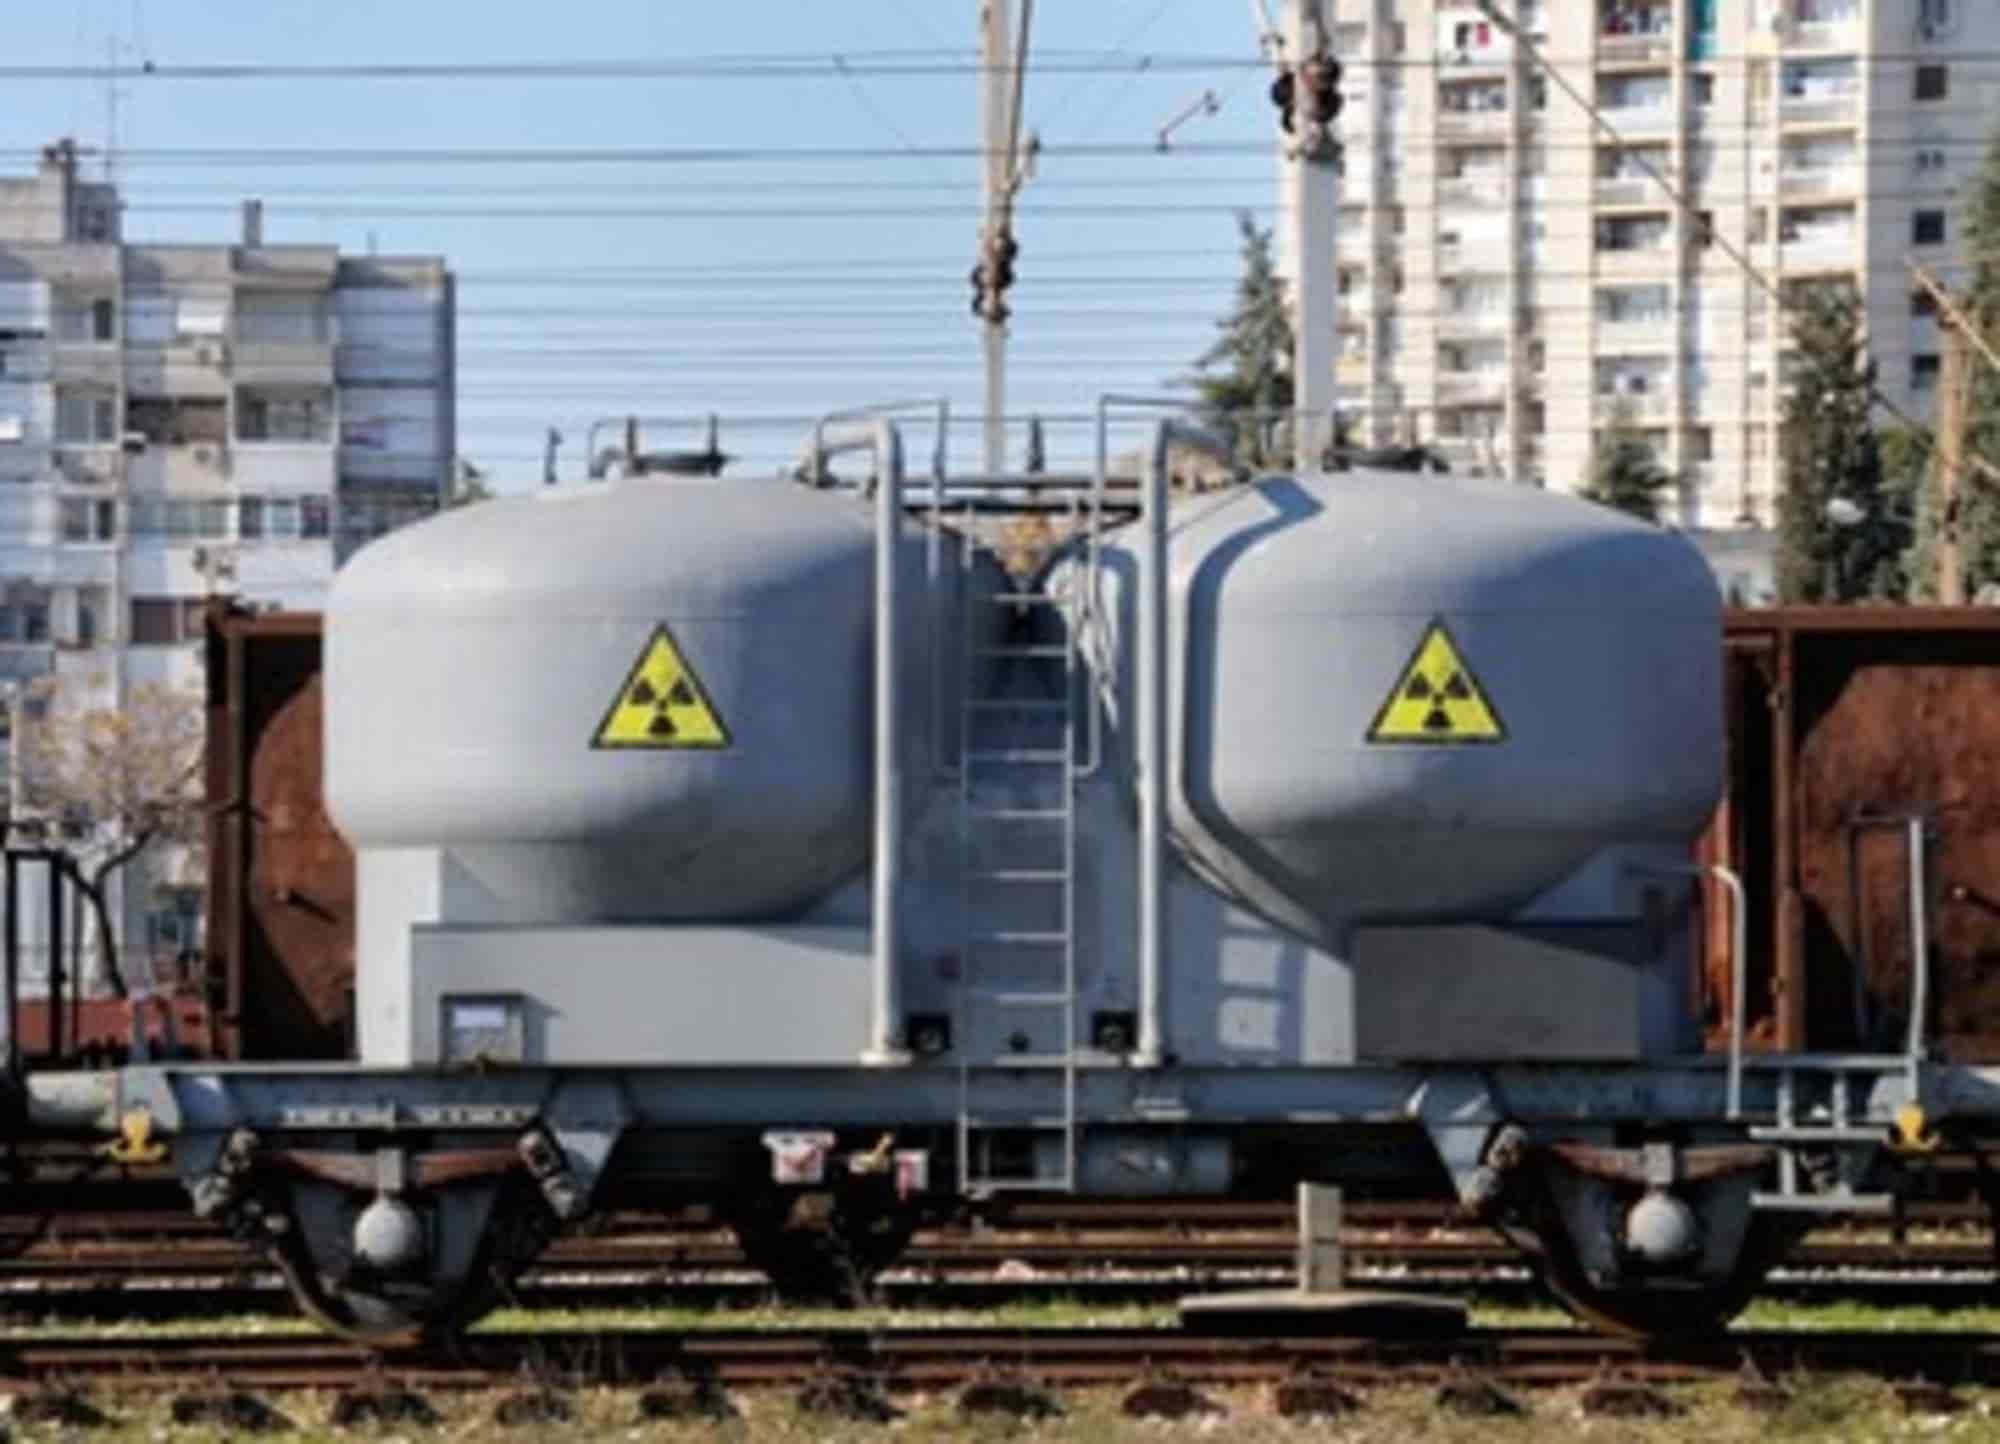 Перевозка опасных грузов по железнодорожным транспортом